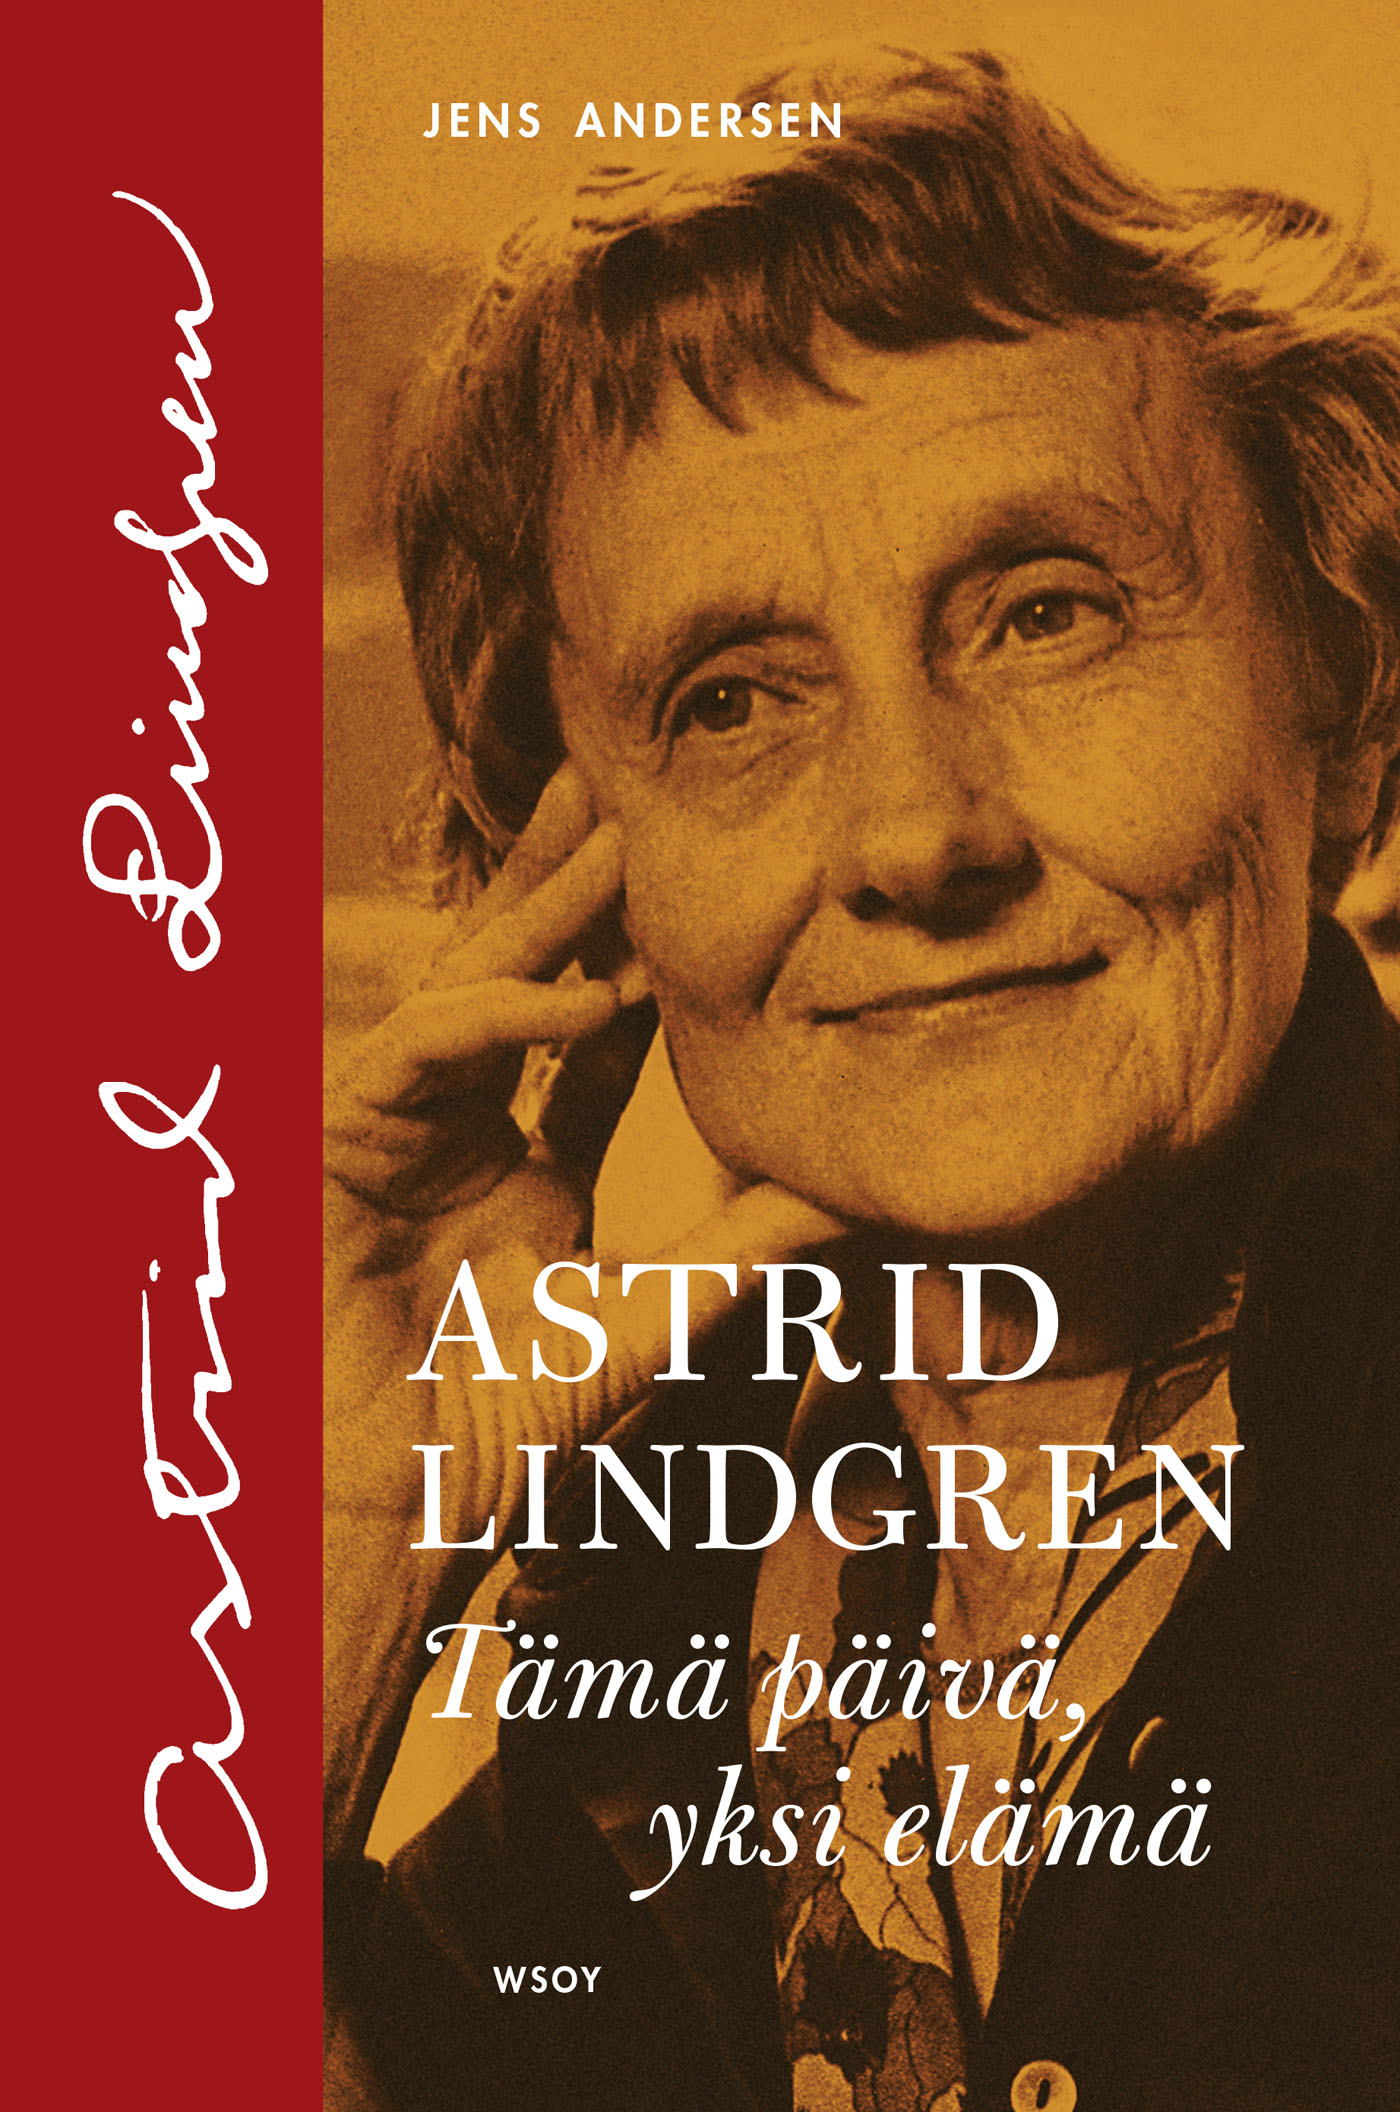 41462_Andersen_Astrid Lindgren_PÄÄ_KSS.indd